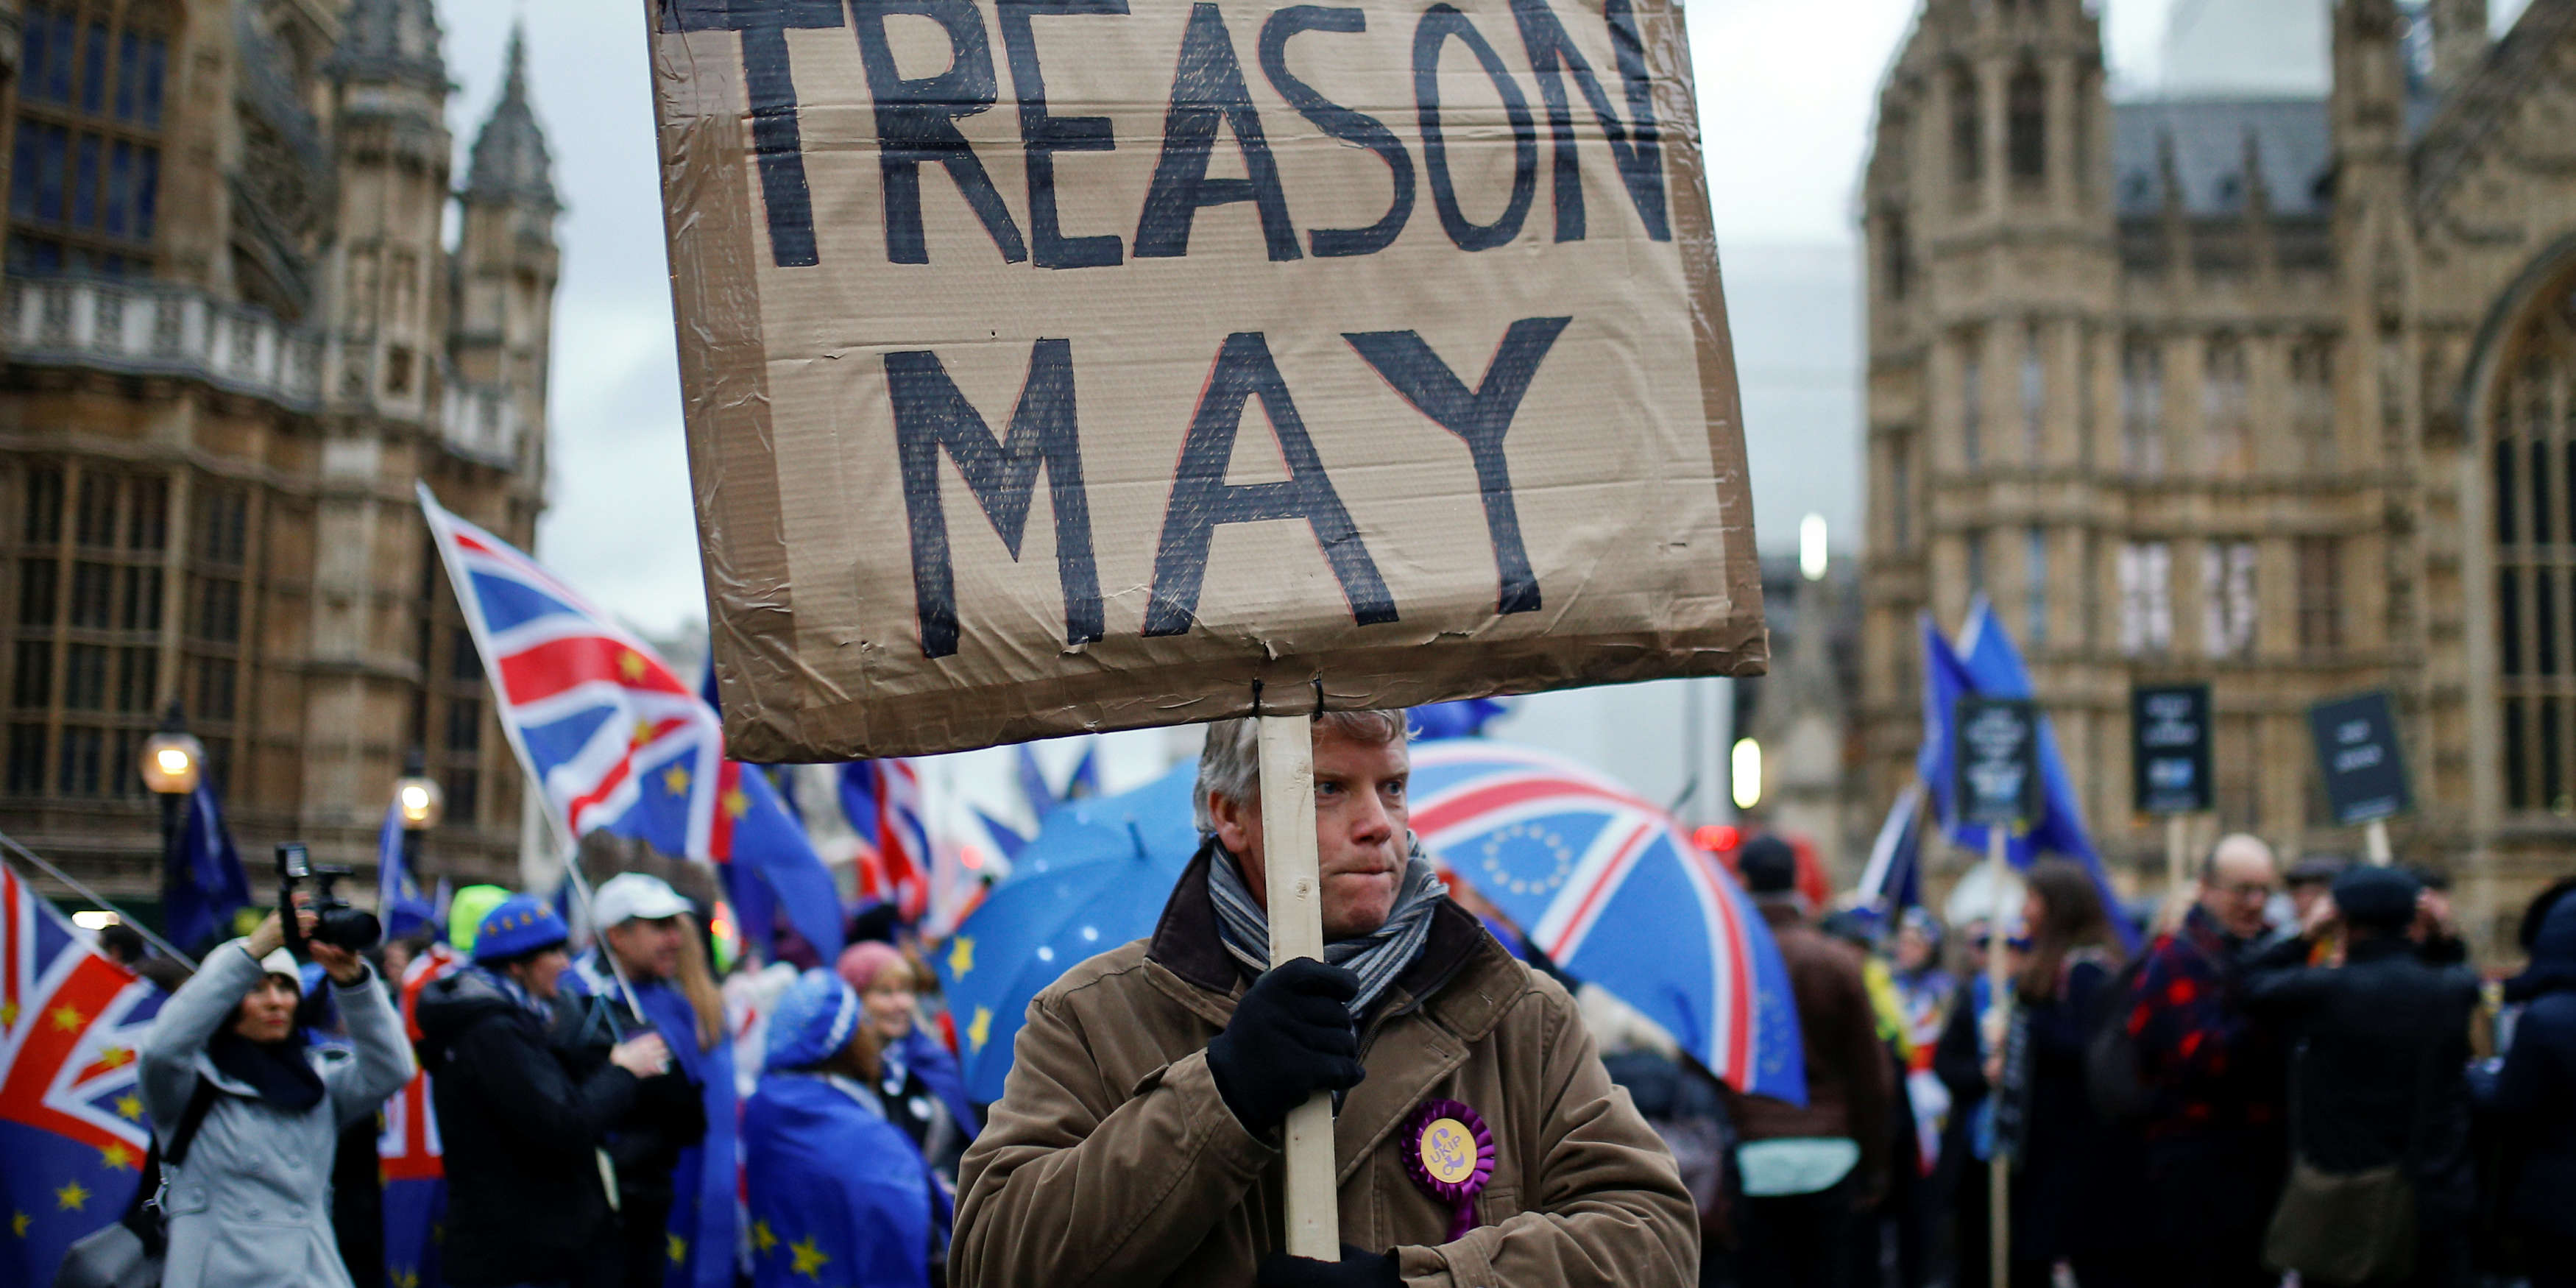 Brexit : suivez en direct les réactions après le vote du Parlement britannique contre l'accord